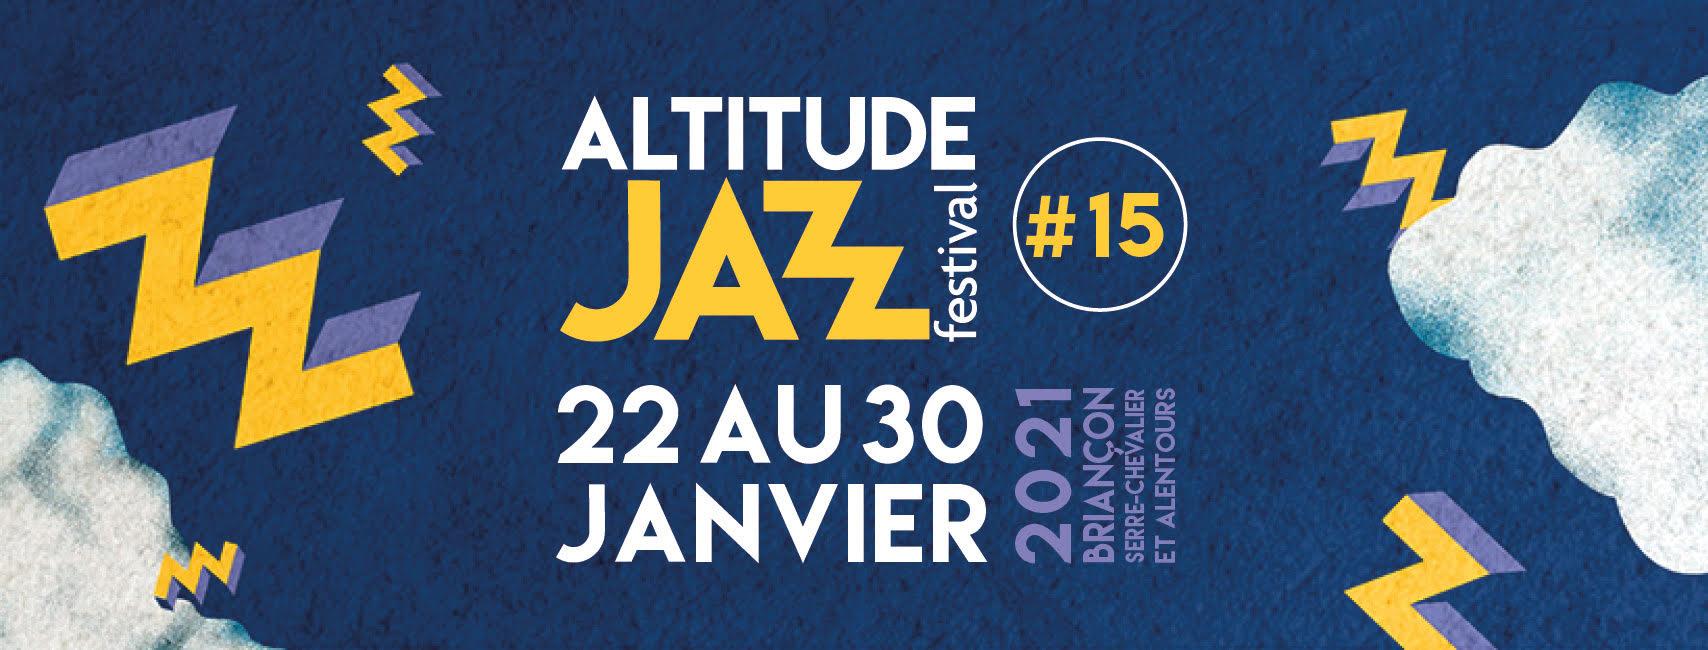 L'Altitude Jazz Festival 2021 est annulé